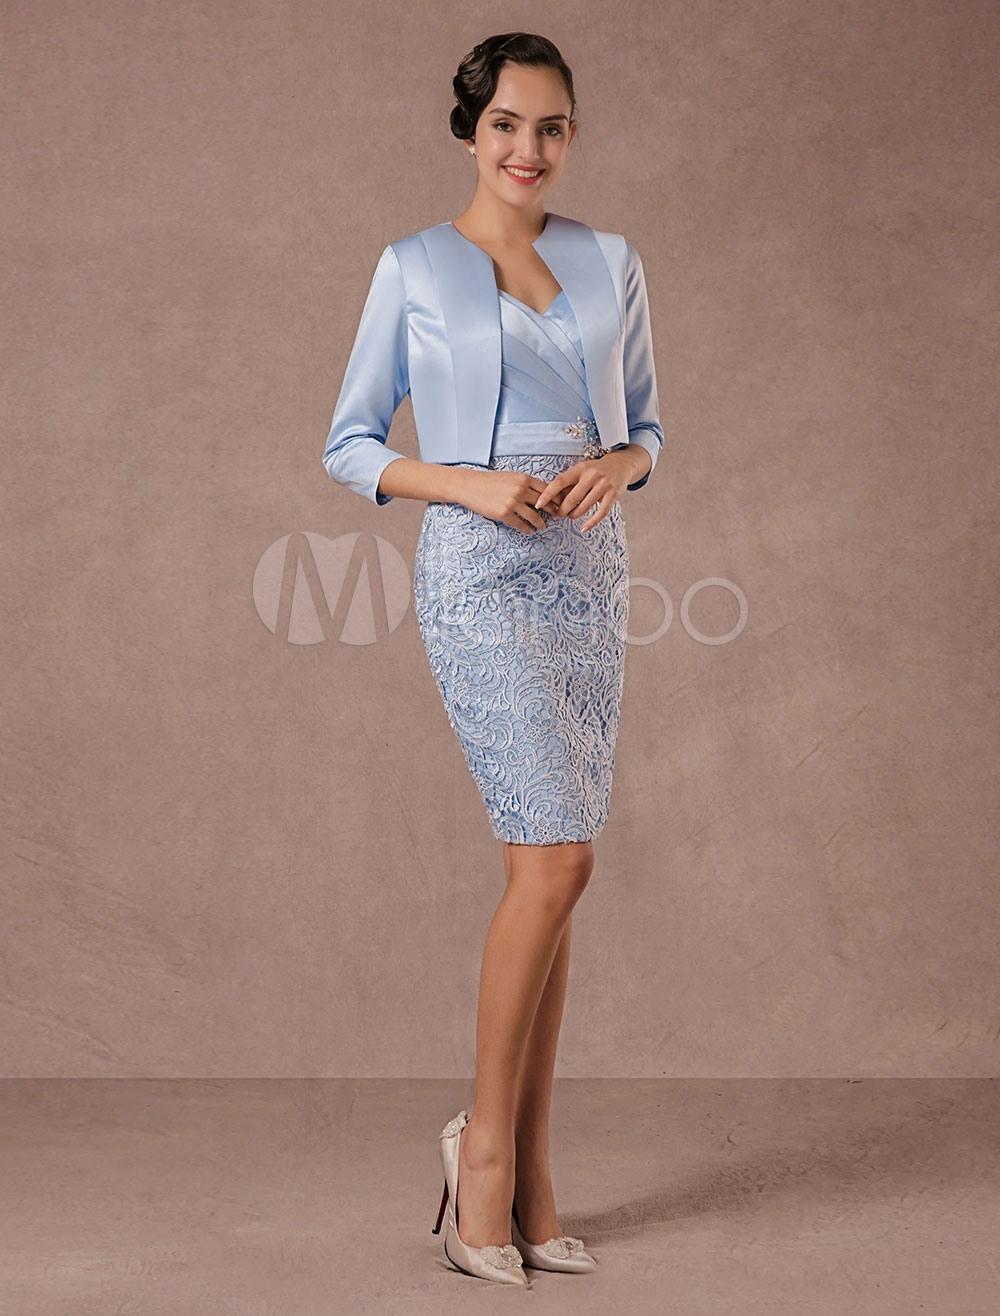 13 Elegant Tolle Abendkleider Für Hochzeit SpezialgebietAbend Top Tolle Abendkleider Für Hochzeit Ärmel